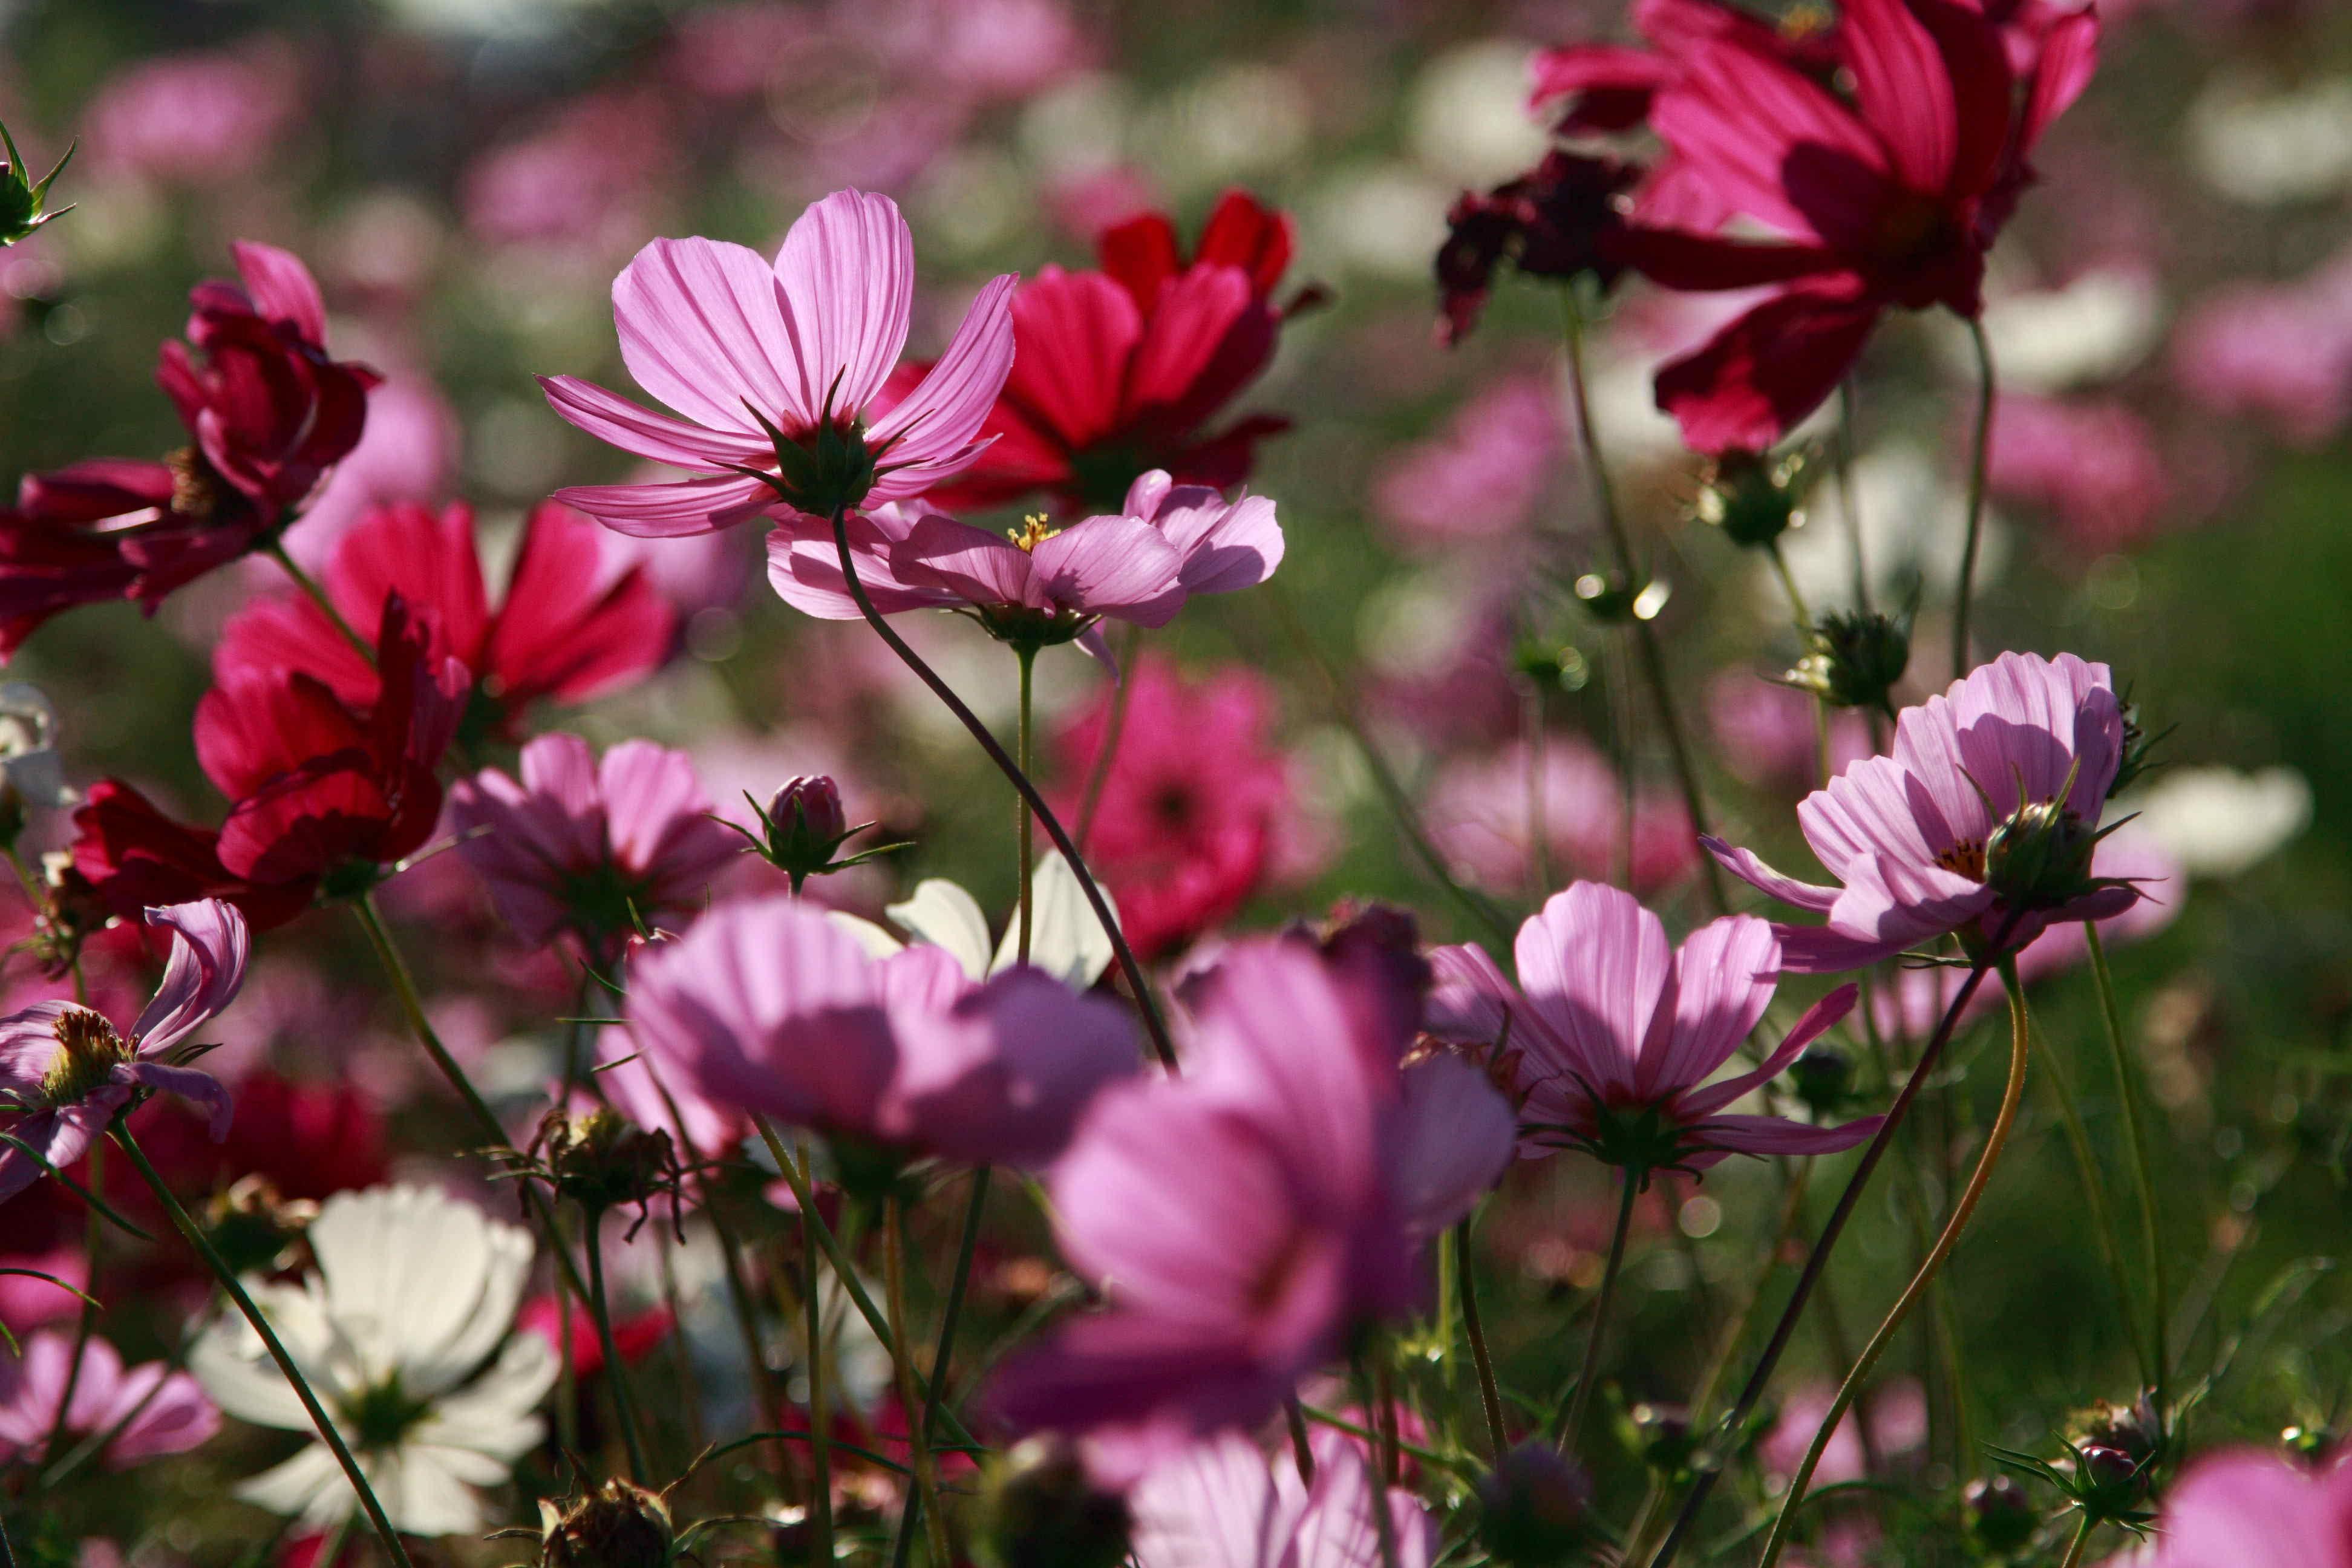 Jach re fleurie - Fleur de jachere ...